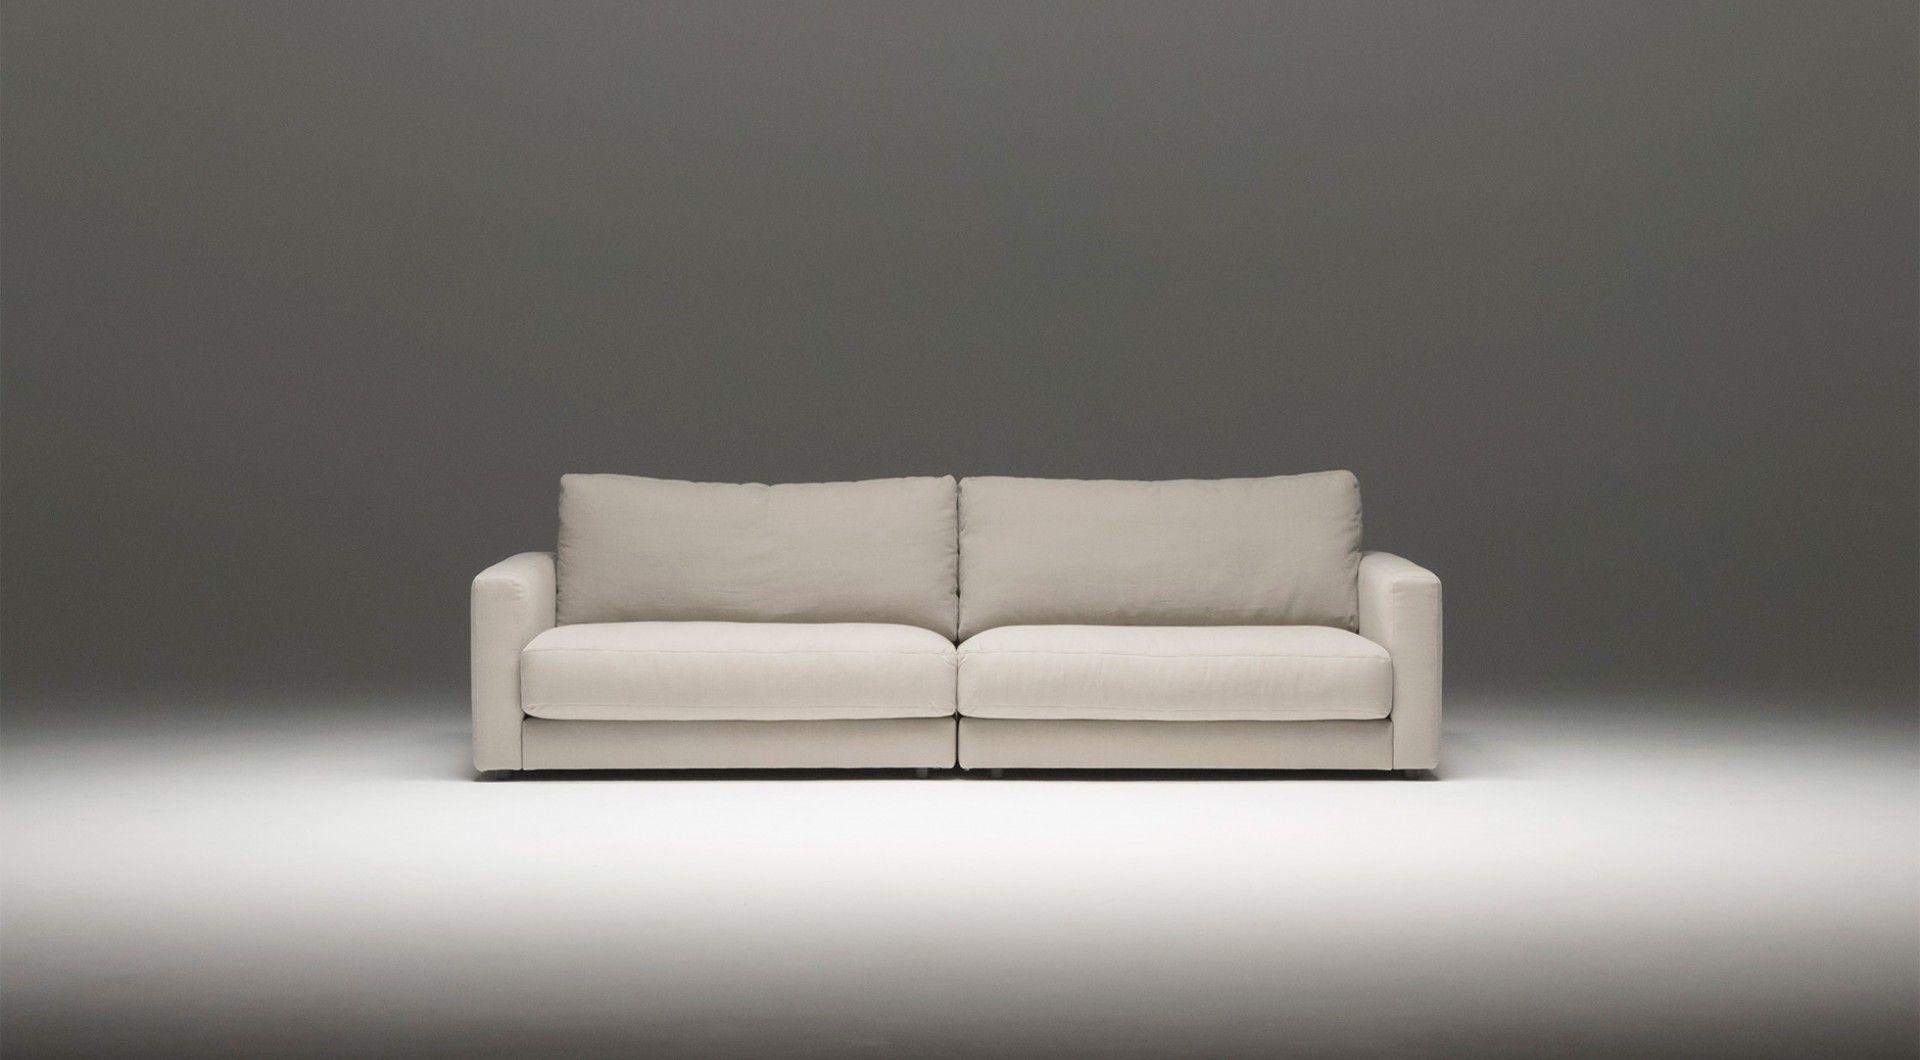 sofa marke sofas und couches ds sehr schnes zierliches sofa der bekannten with sofa marke. Black Bedroom Furniture Sets. Home Design Ideas